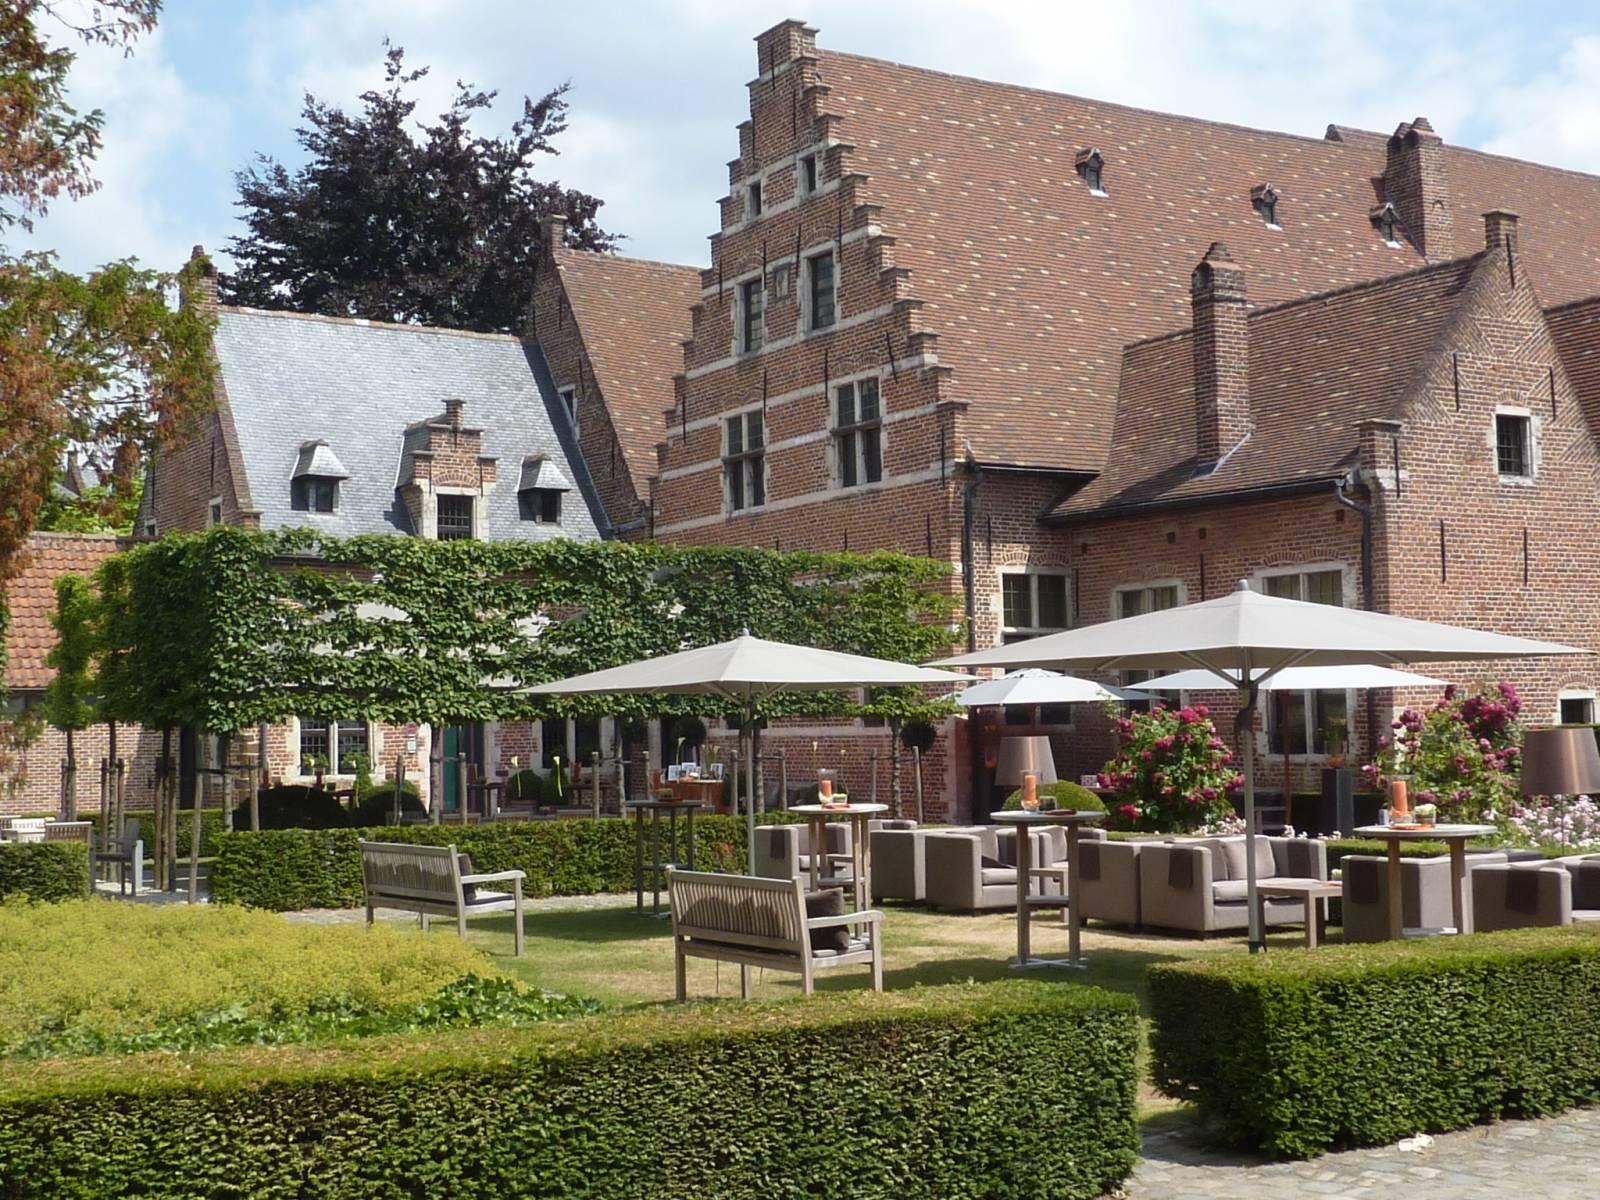 Faculty Club - Feestzaal - Feestlocatie - Rustiek - Historisch - Leuven (Vlaams-Brabant) - House of Events - 65